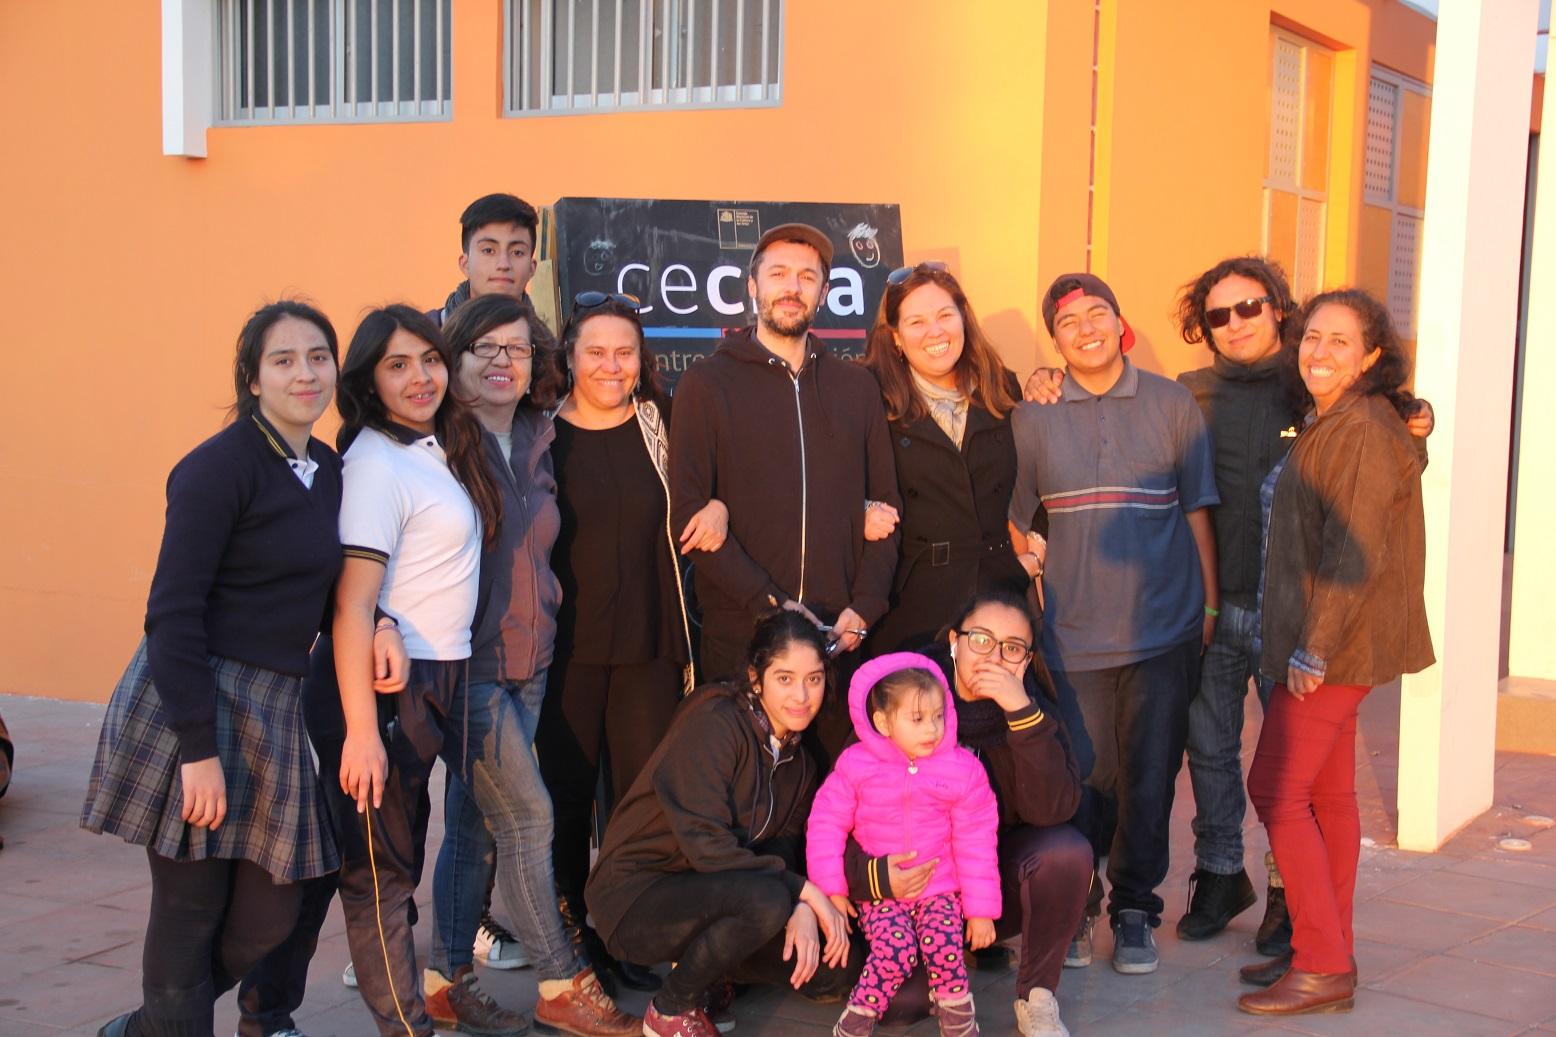 Celebran exitoso fin de residencia artística Cecrea